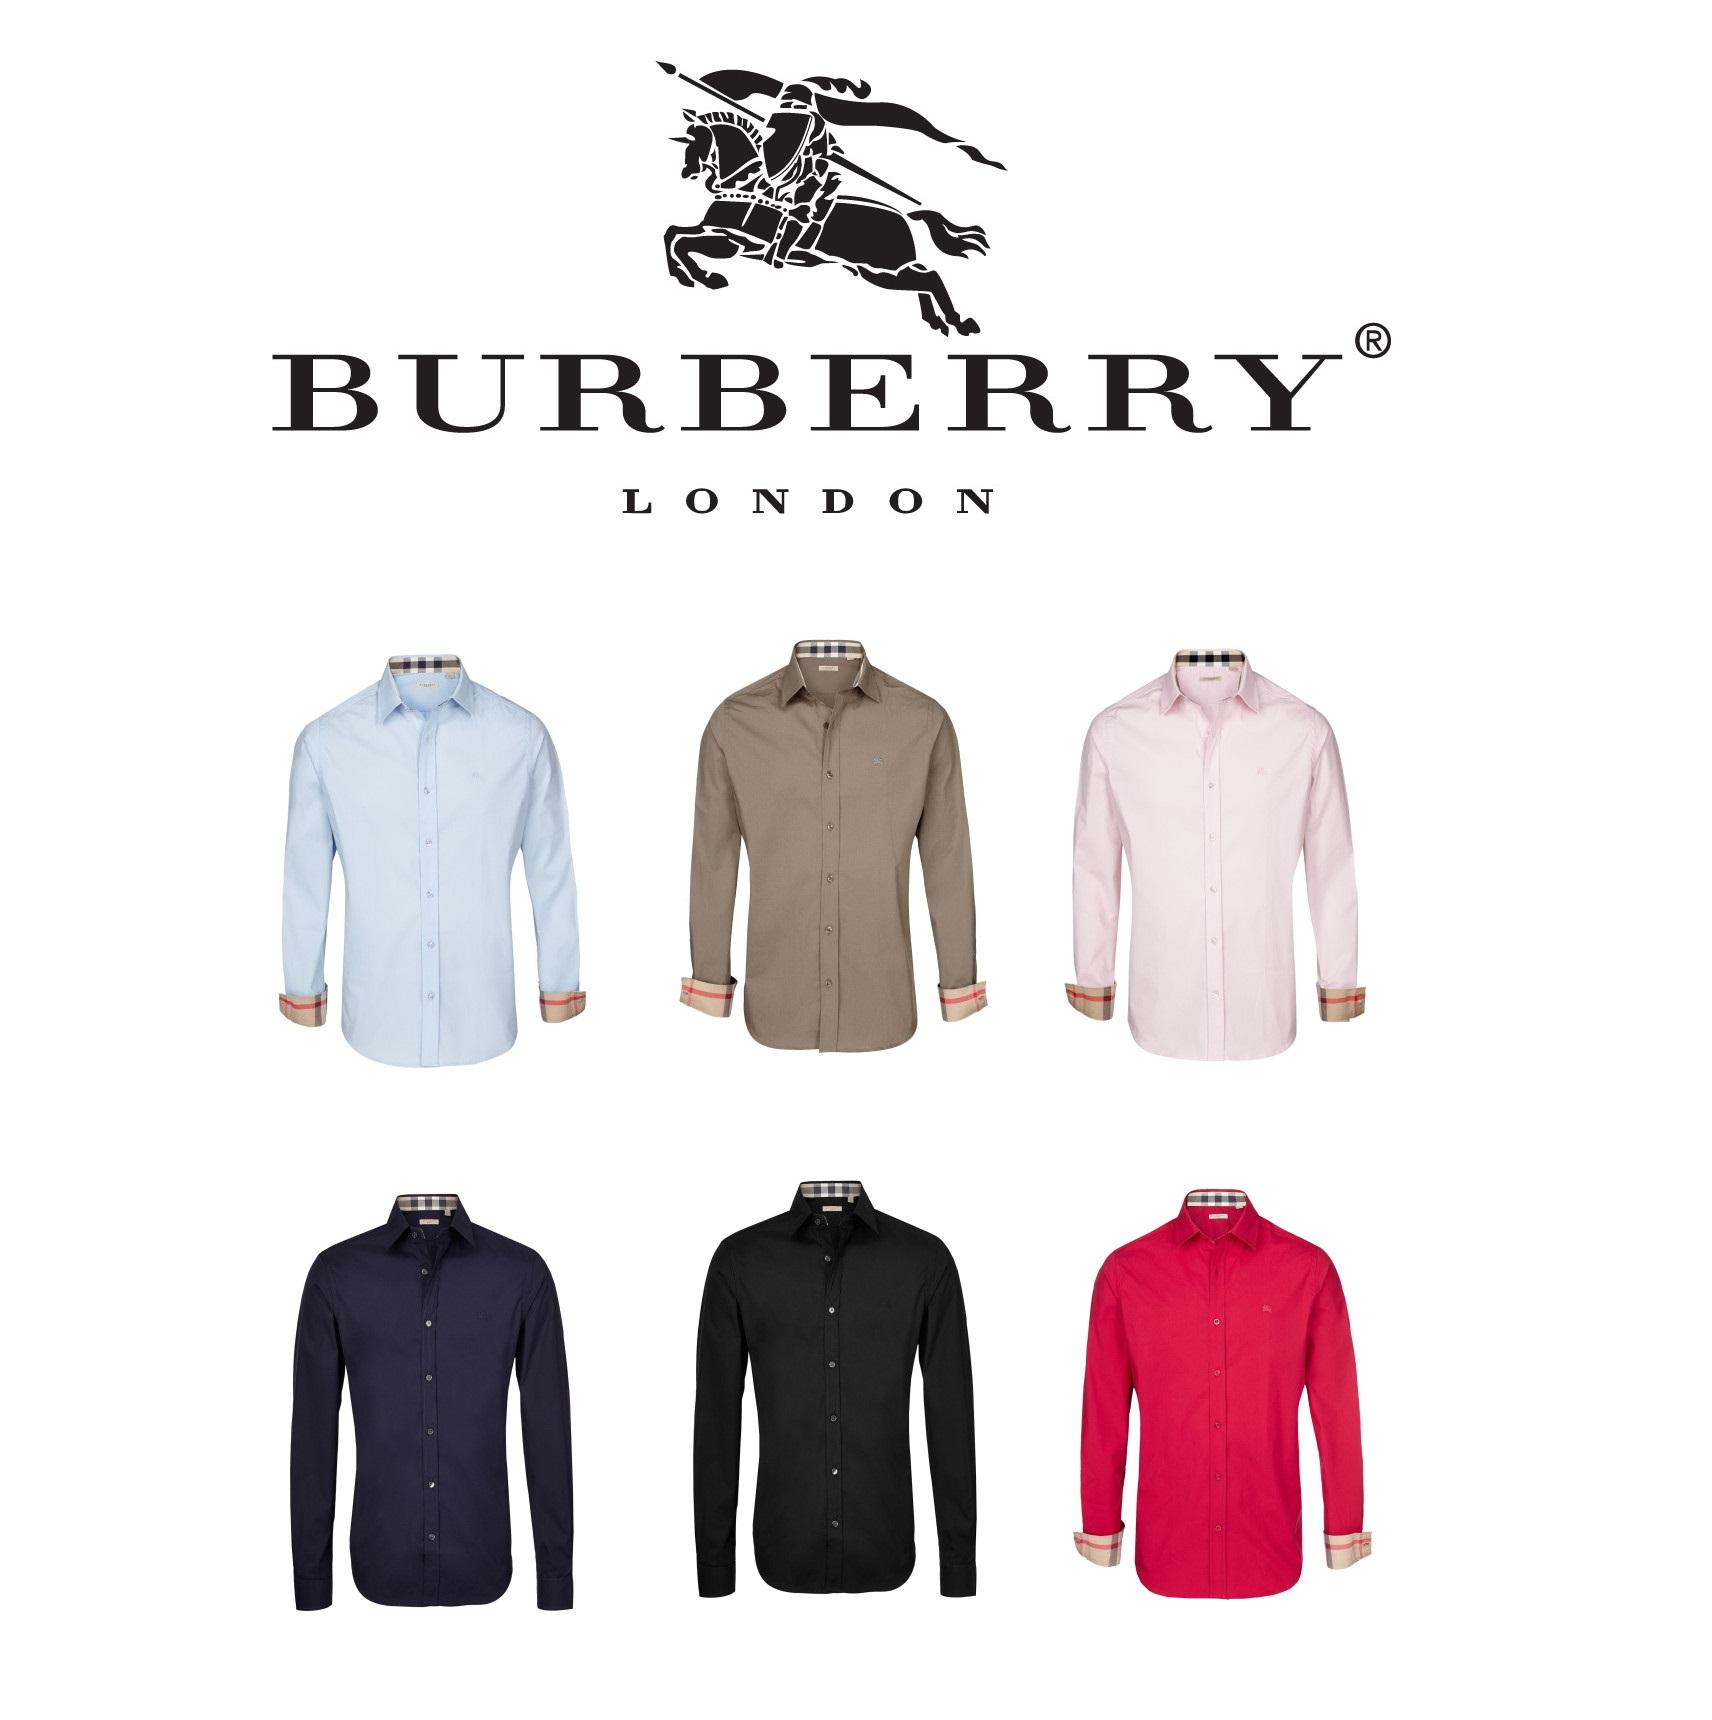 Burberry男士衬衣 多色可选